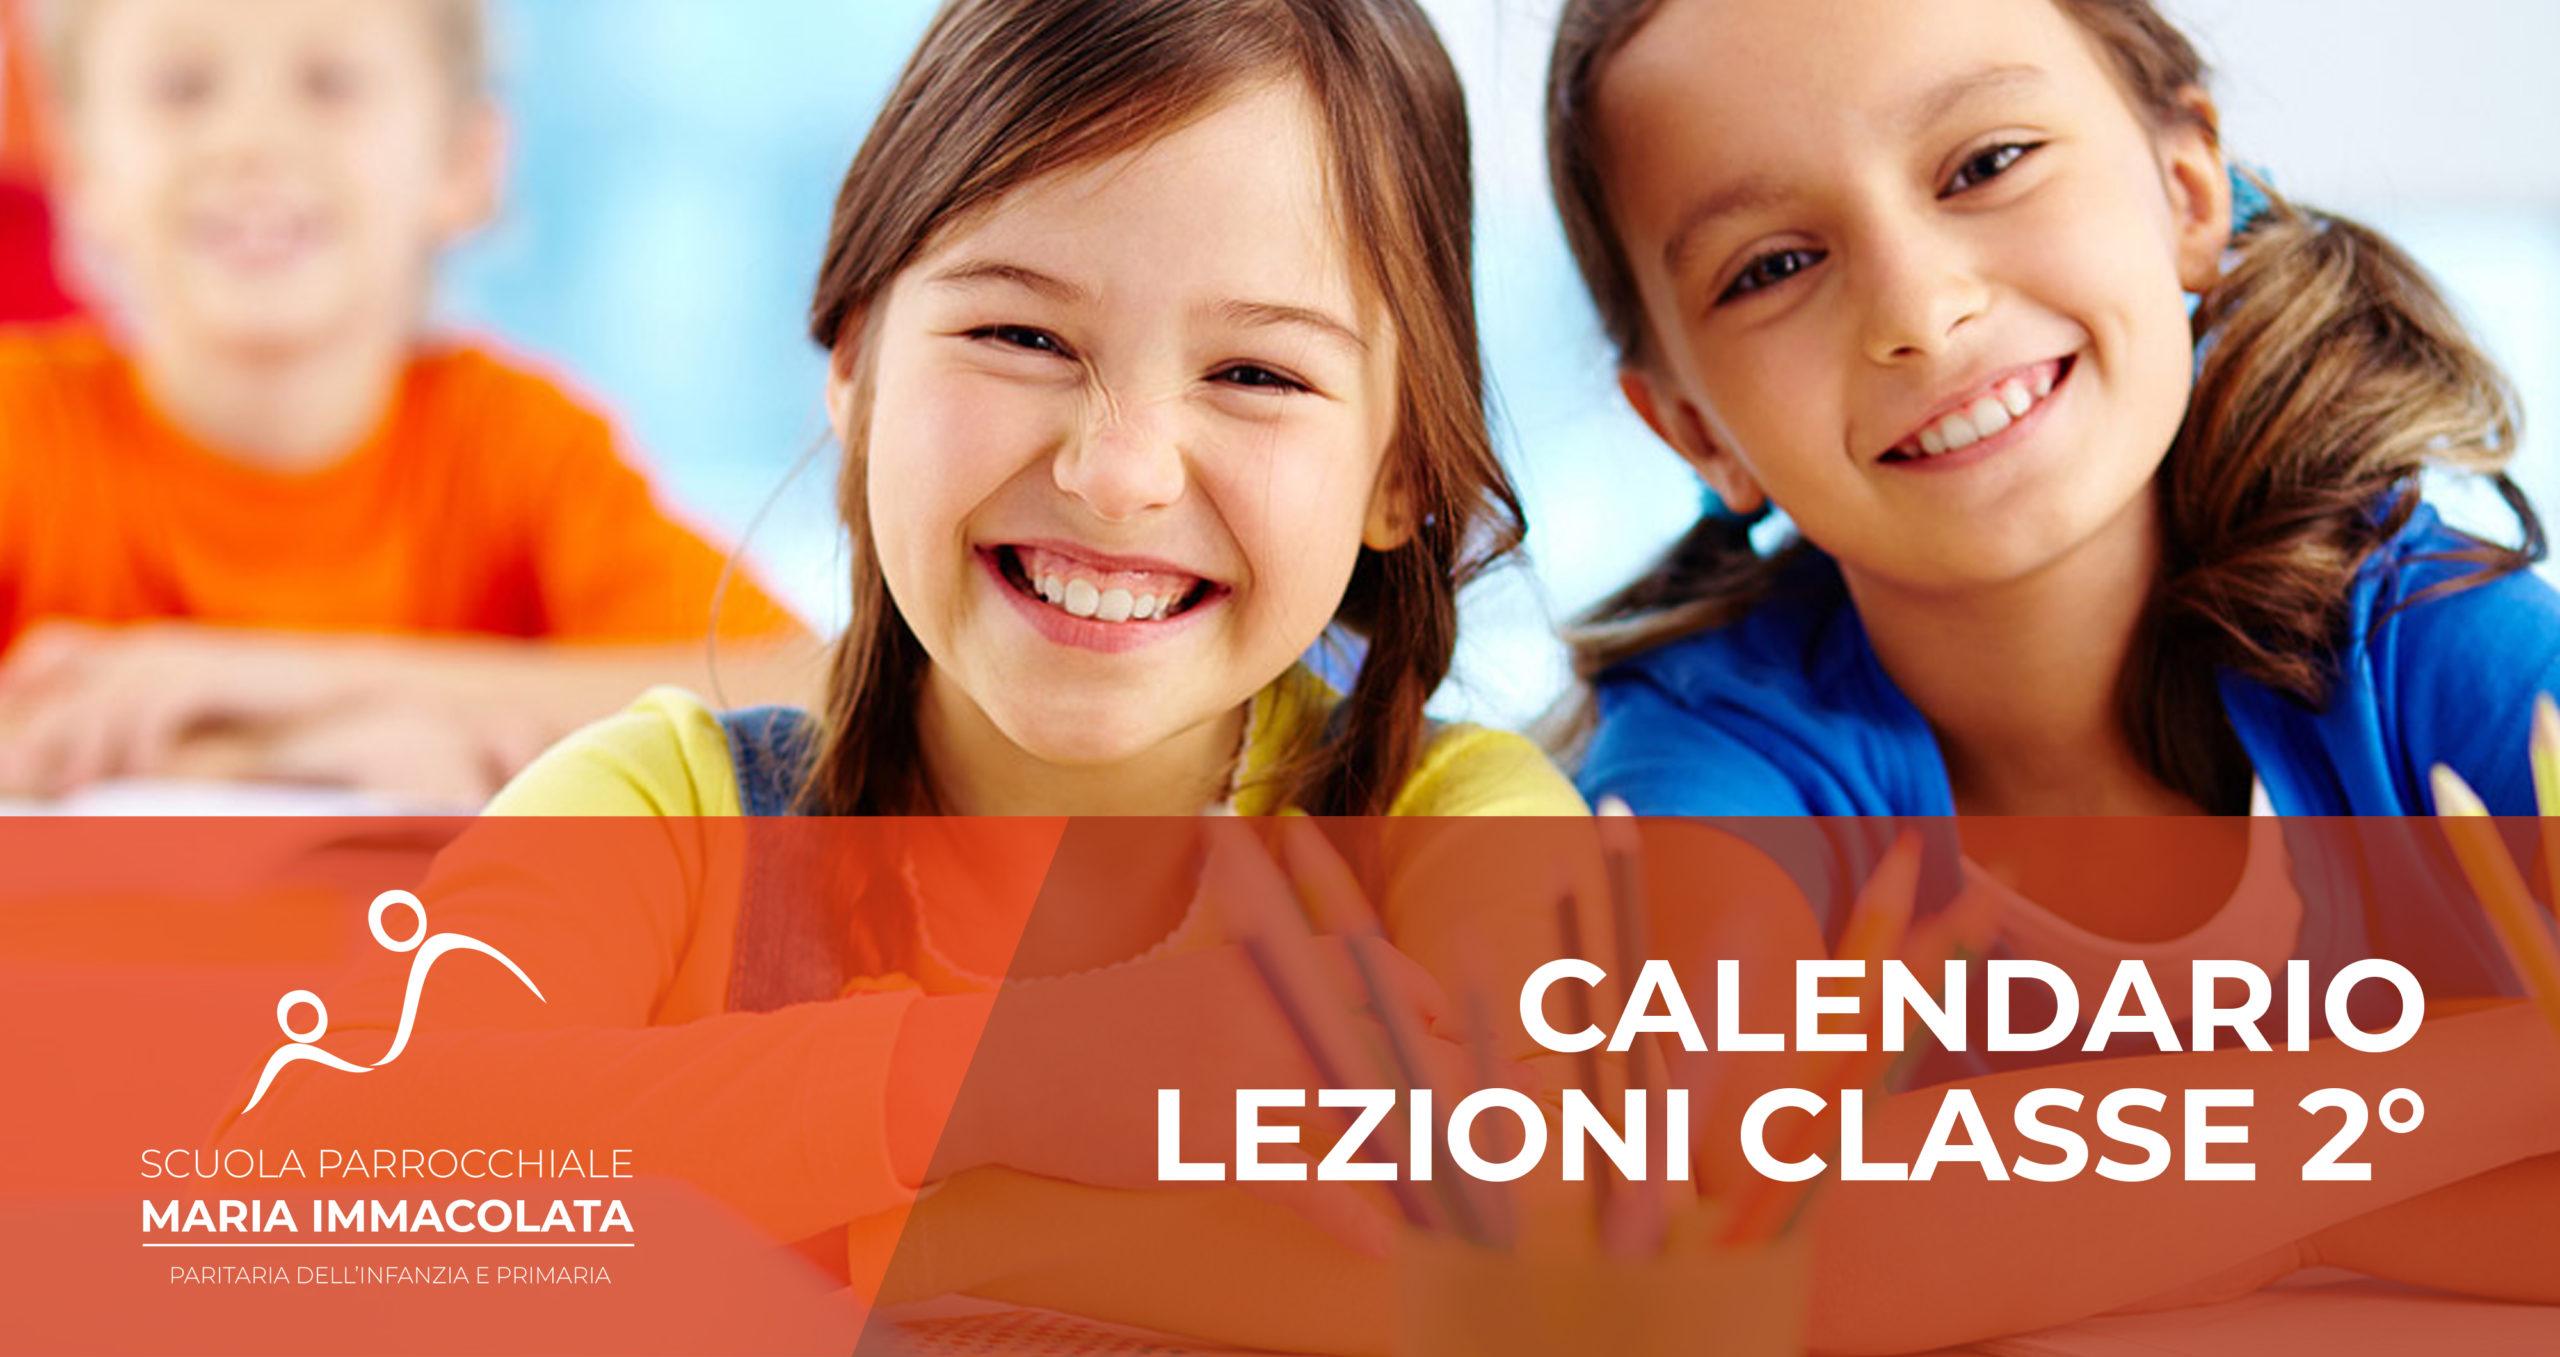 Calendario lezioni 2019-2020 Classe 2